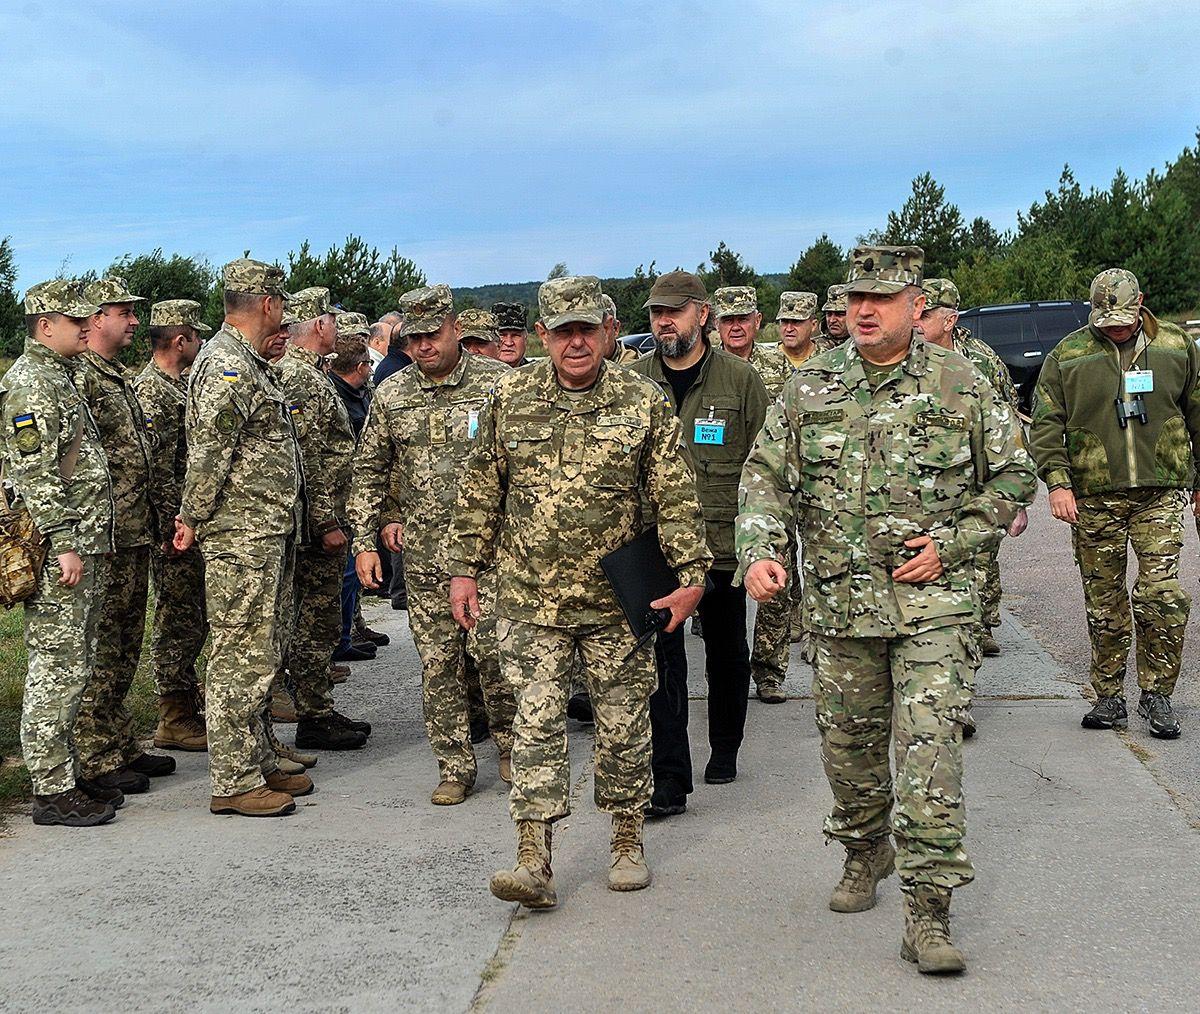 турчинов заявив, що здійснюється нарощування спроможностей органів військового управління / фото РНБО України